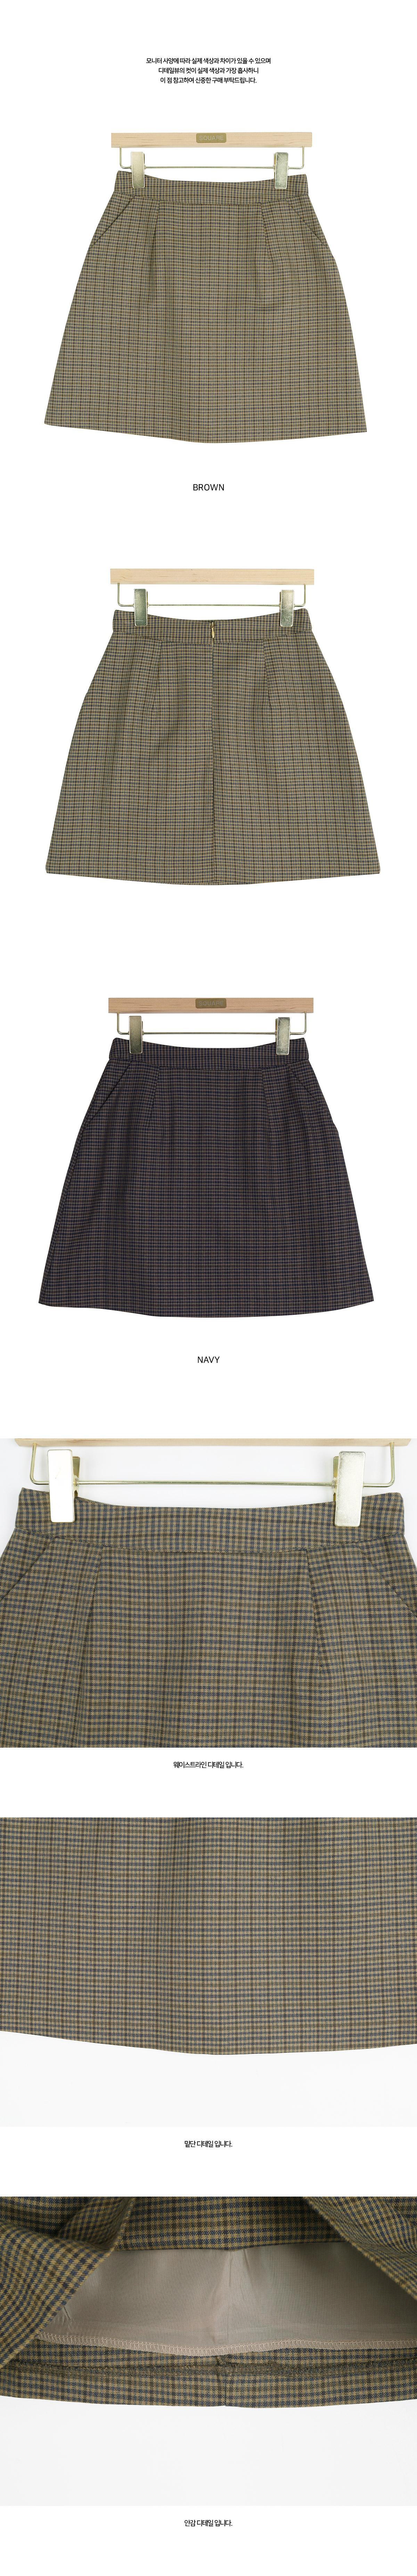 Two-tone mini skirt